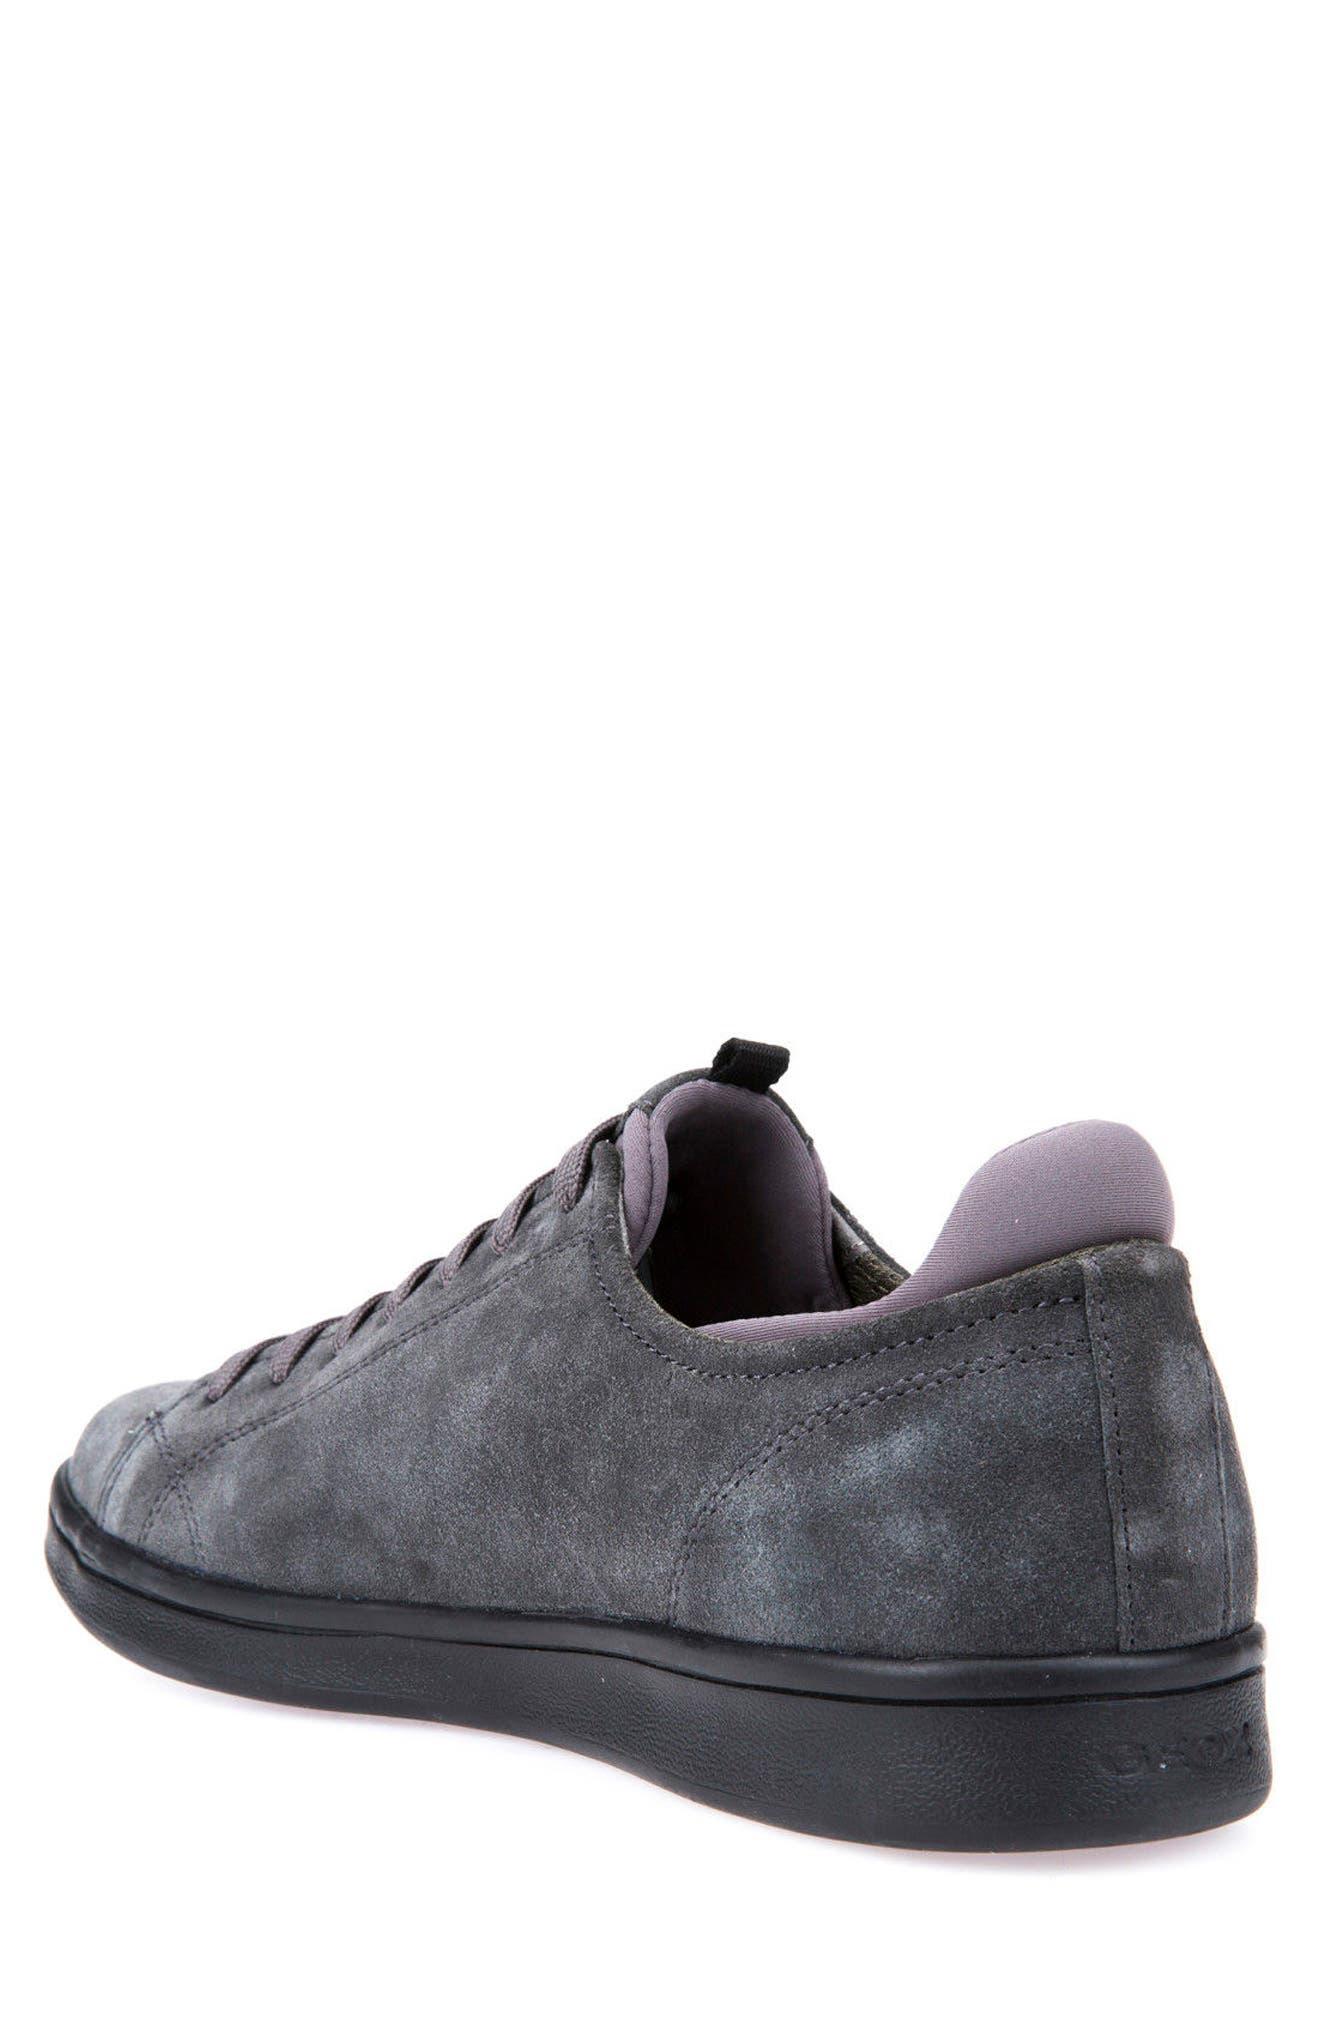 Warrens 8 Low-Top Sneaker,                             Alternate thumbnail 4, color,